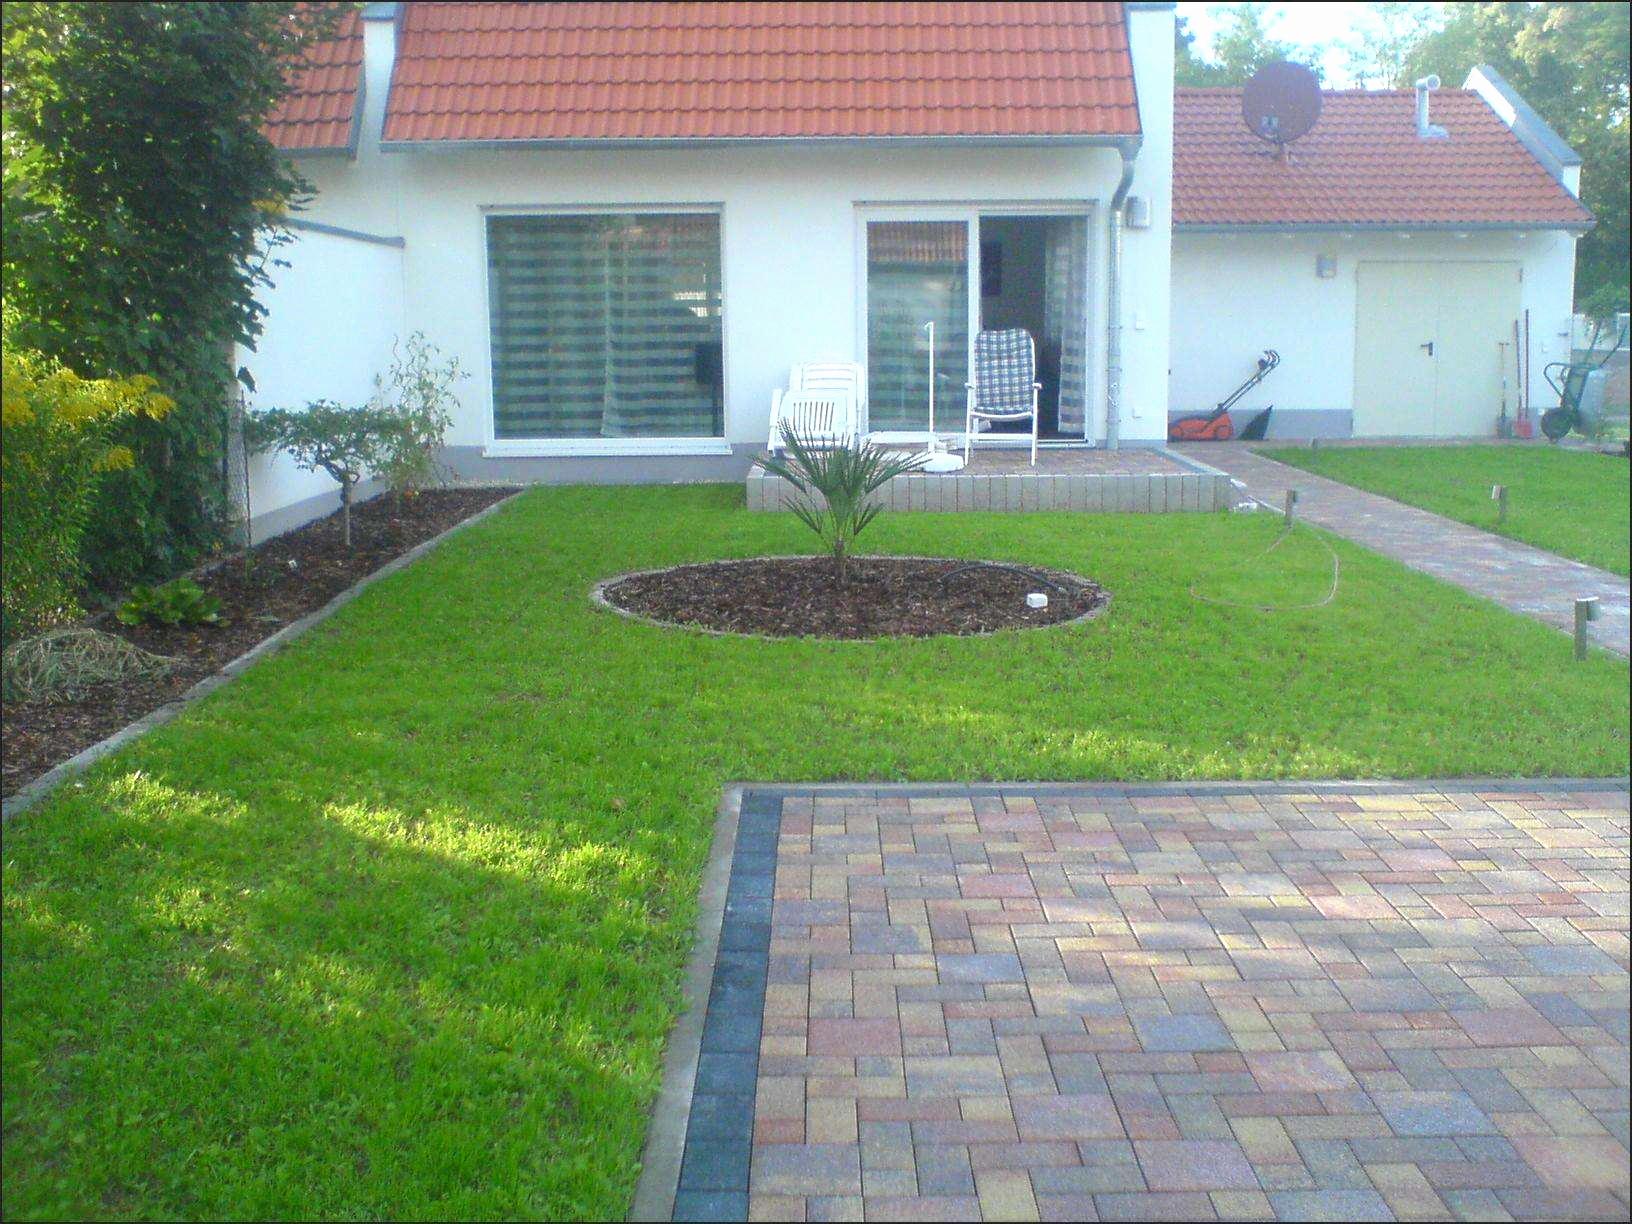 garten anlegen neubau genial drainage garten lehmboden inspiration of drainage garten lehmboden